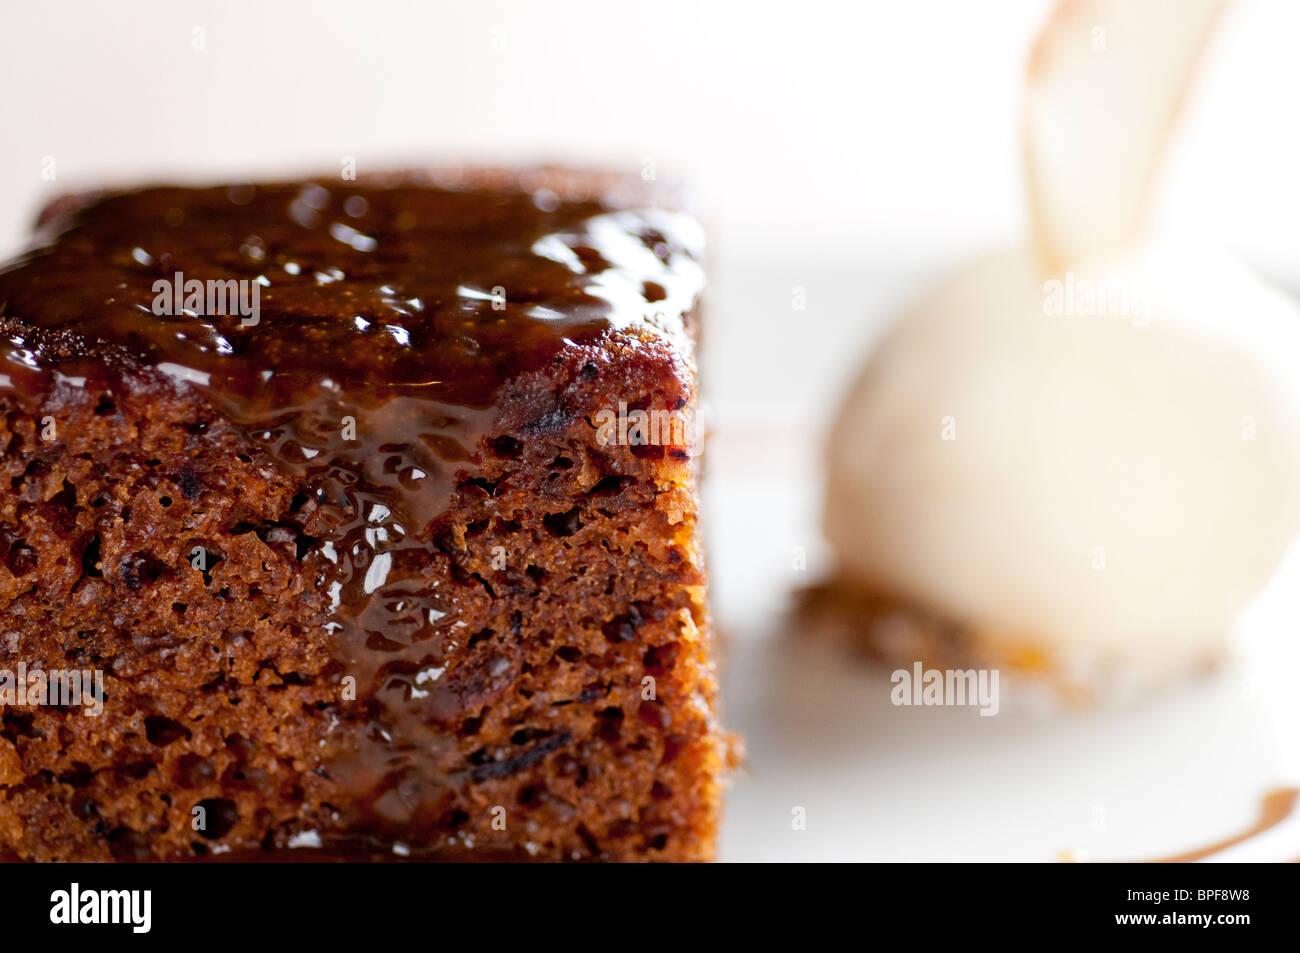 Comida de pub tradicional inglés - Pudding de toffee Imagen De Stock